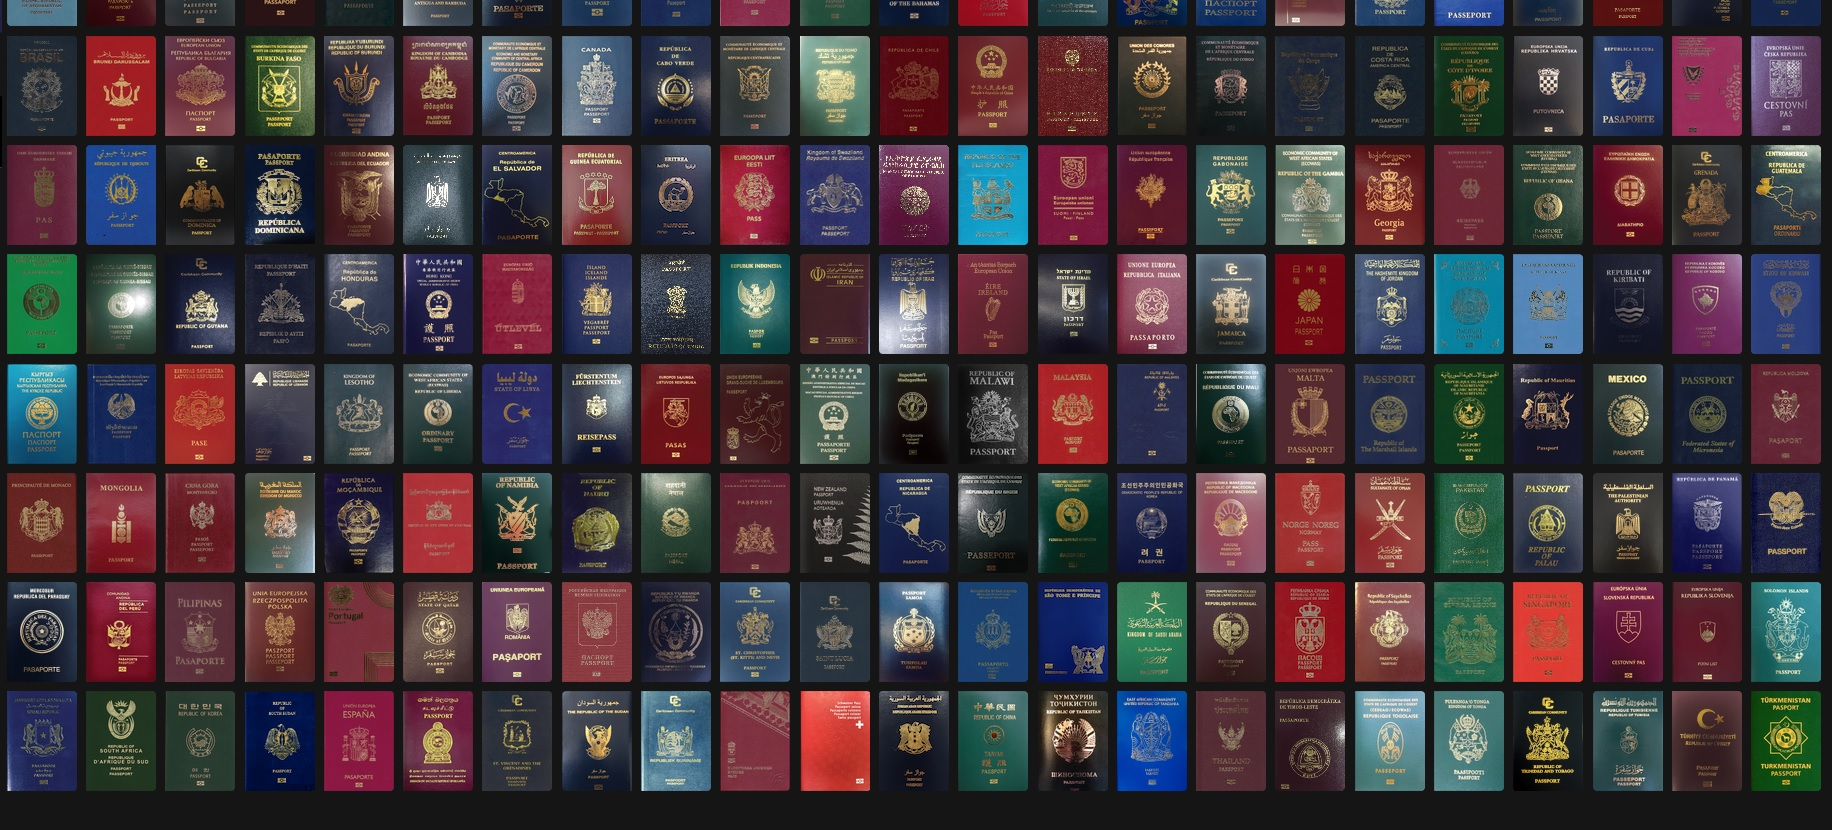 - Ranking paszportów obrazuje pozytywne i negatywne relacje gospodarcze. Pokazują też status państw i ich niepodległość - mówił o wynikach tegorocznej edycji Global Passport Index Paddy Blewer z Henley & Partners. (fot. passportindex.org)